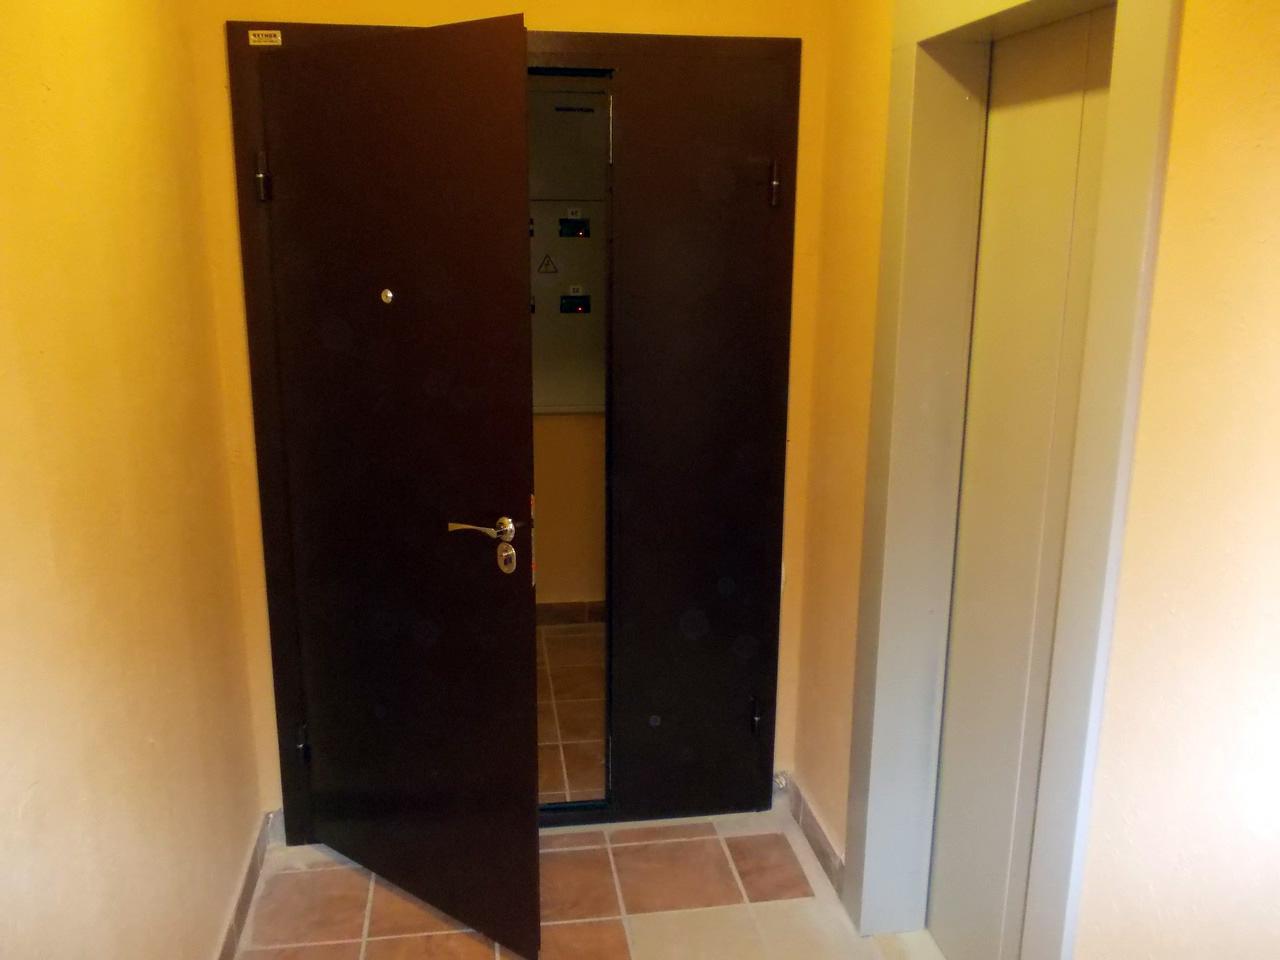 как правильно согласовать установку тамбурной двери